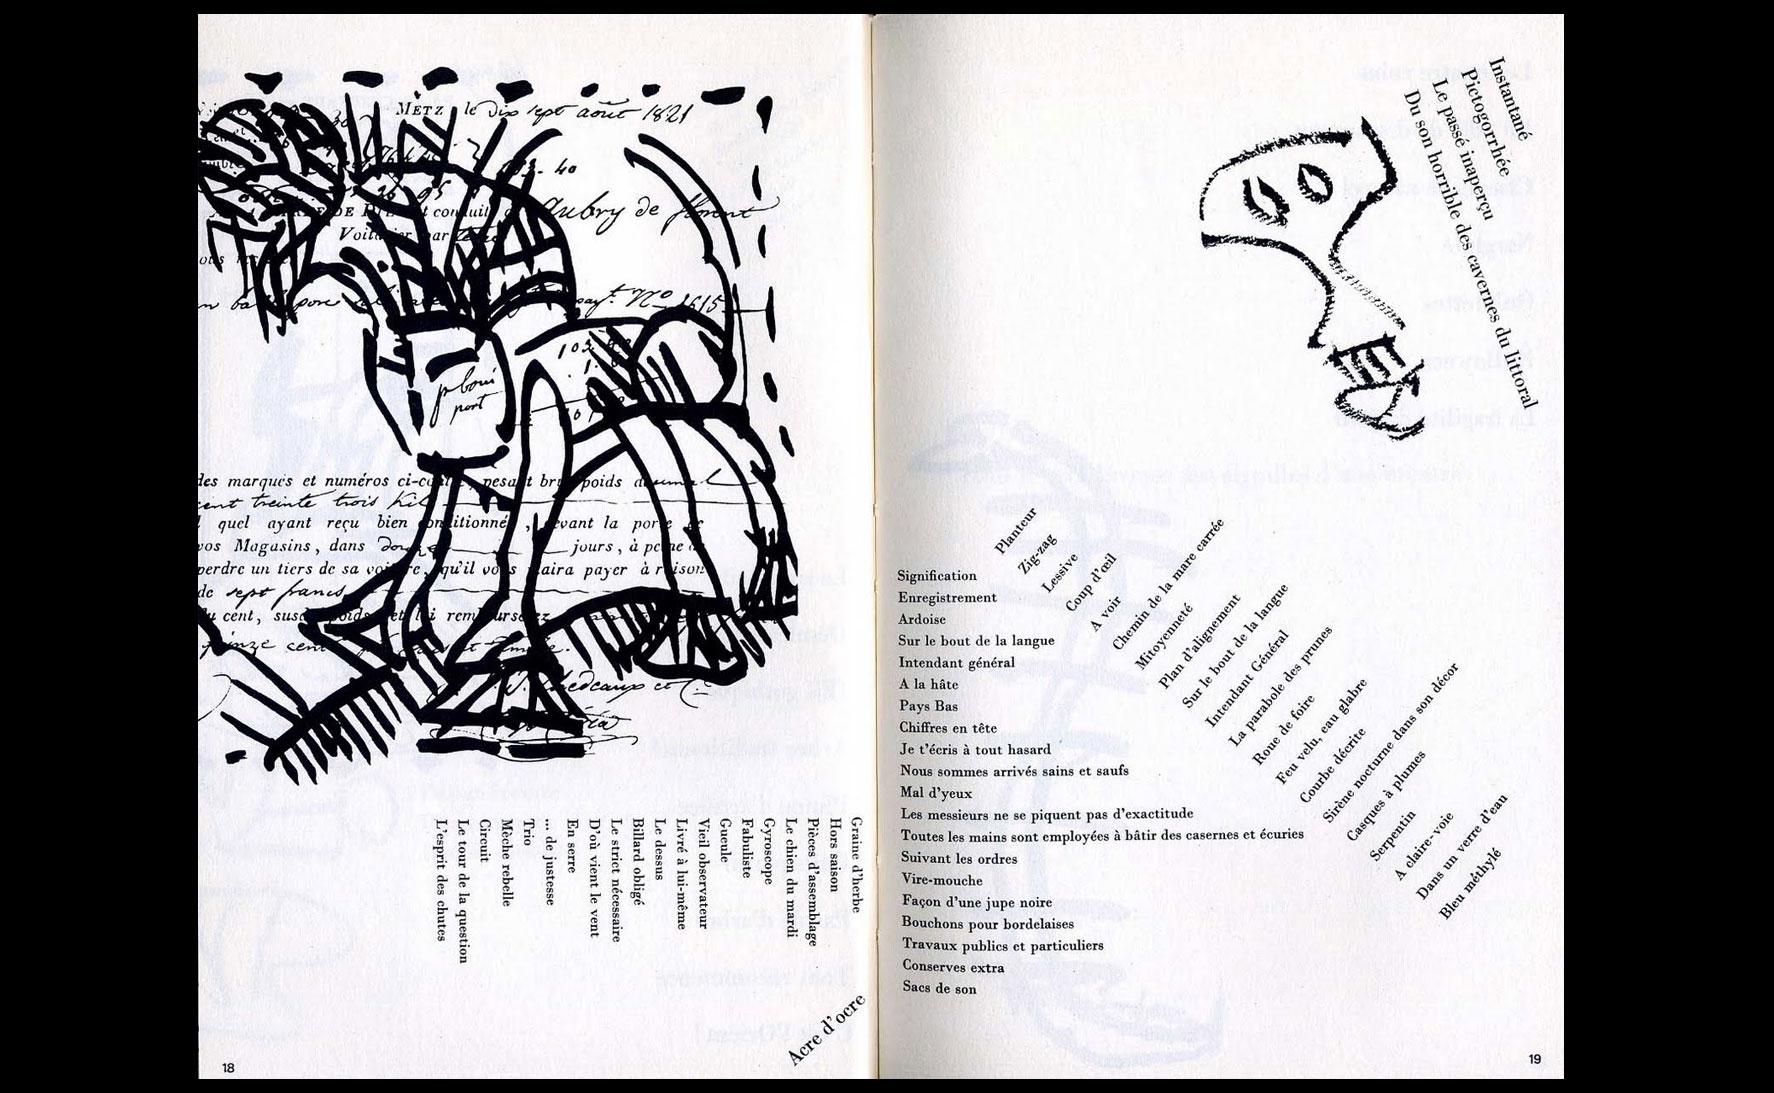 Le-Bureau-des-titres-Pierre-Faucheux-1983-01